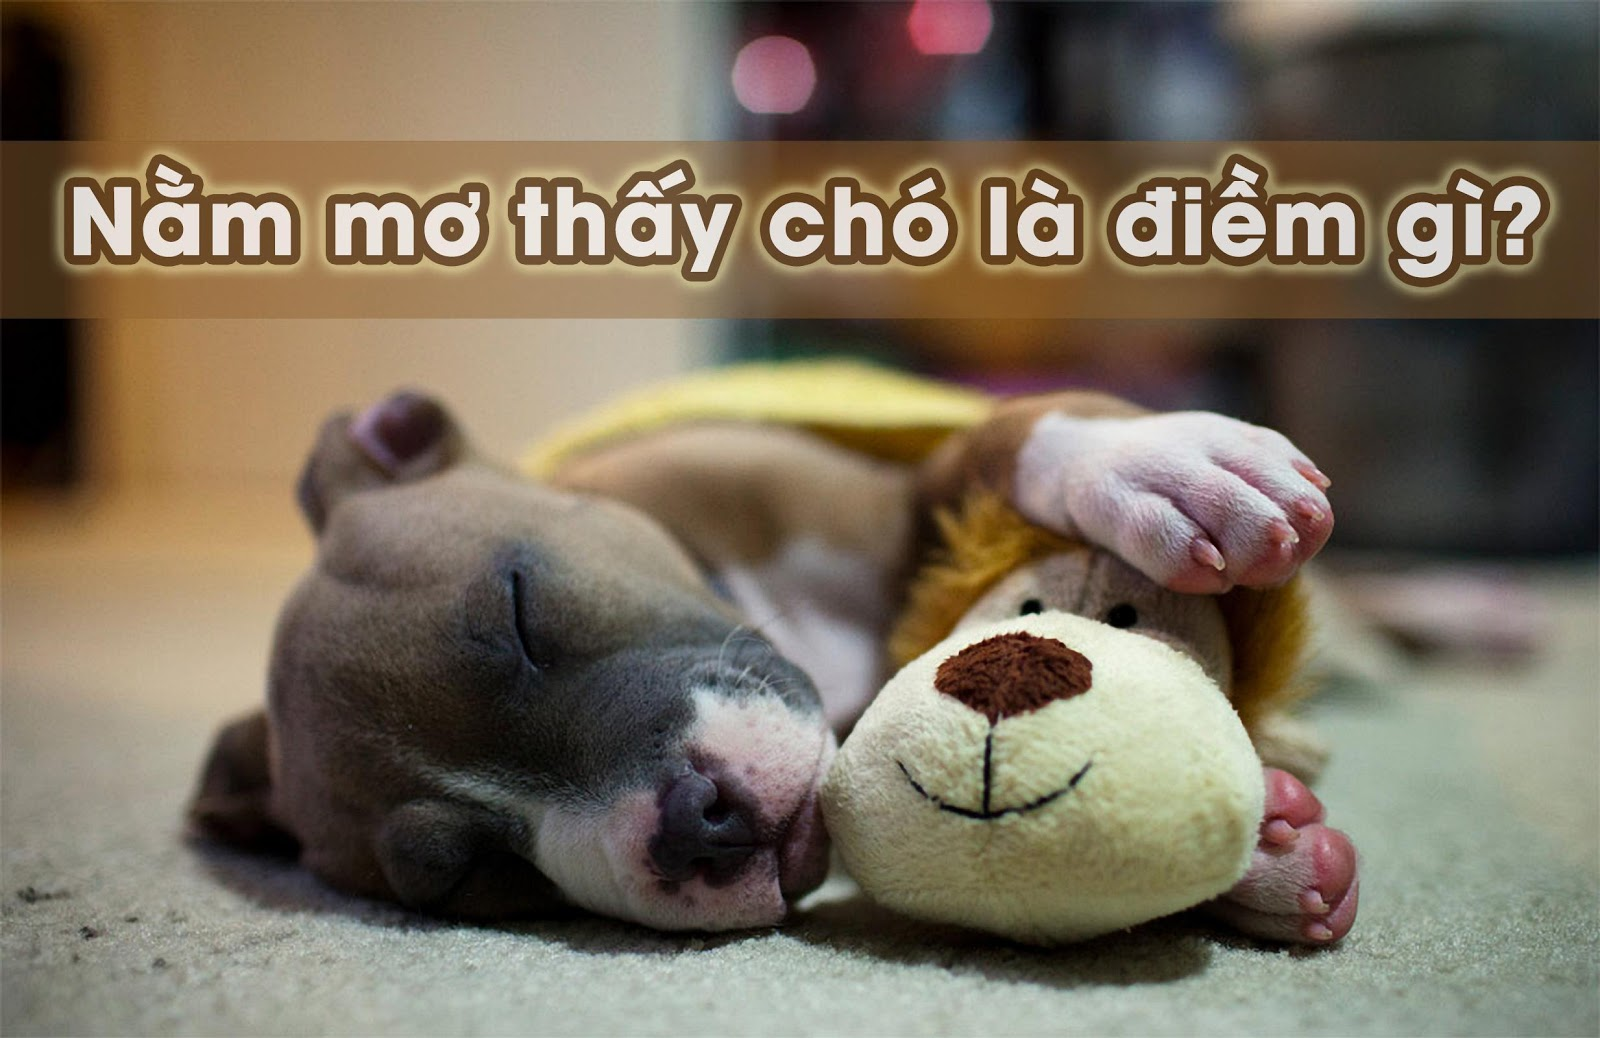 Nằm mơ thấy chó mang đến điềm báo xấu hay tốt? - Kuviet.com